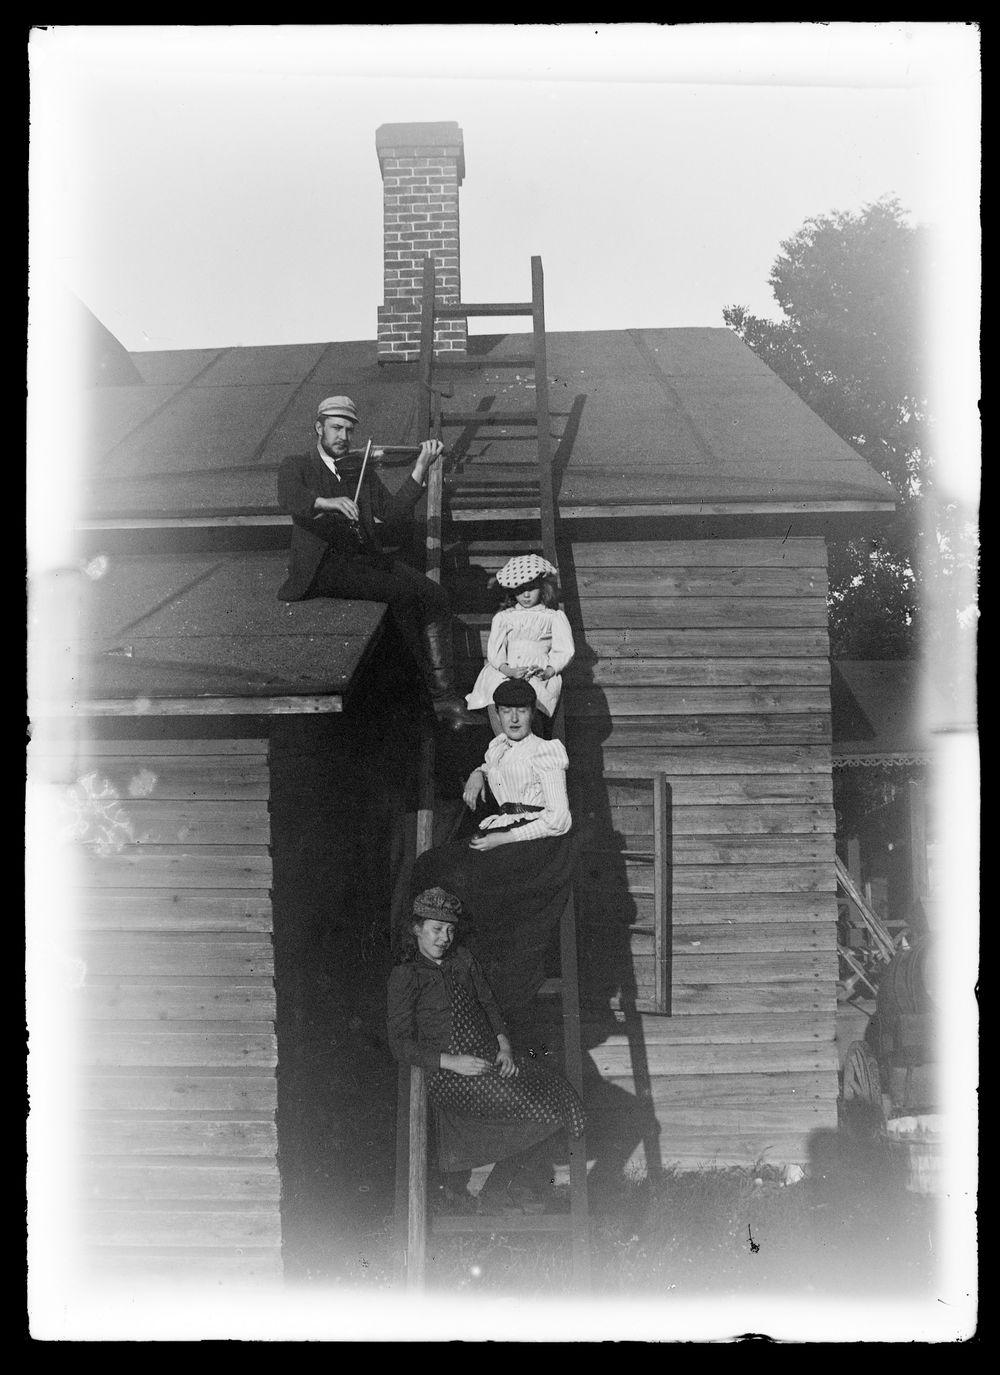 Paul Simberg soittaa viulua Keltaisen huvilan katolla, Blenda Simberg ja todennäköisesti Elma ja Elsa Simberg tikapuilla